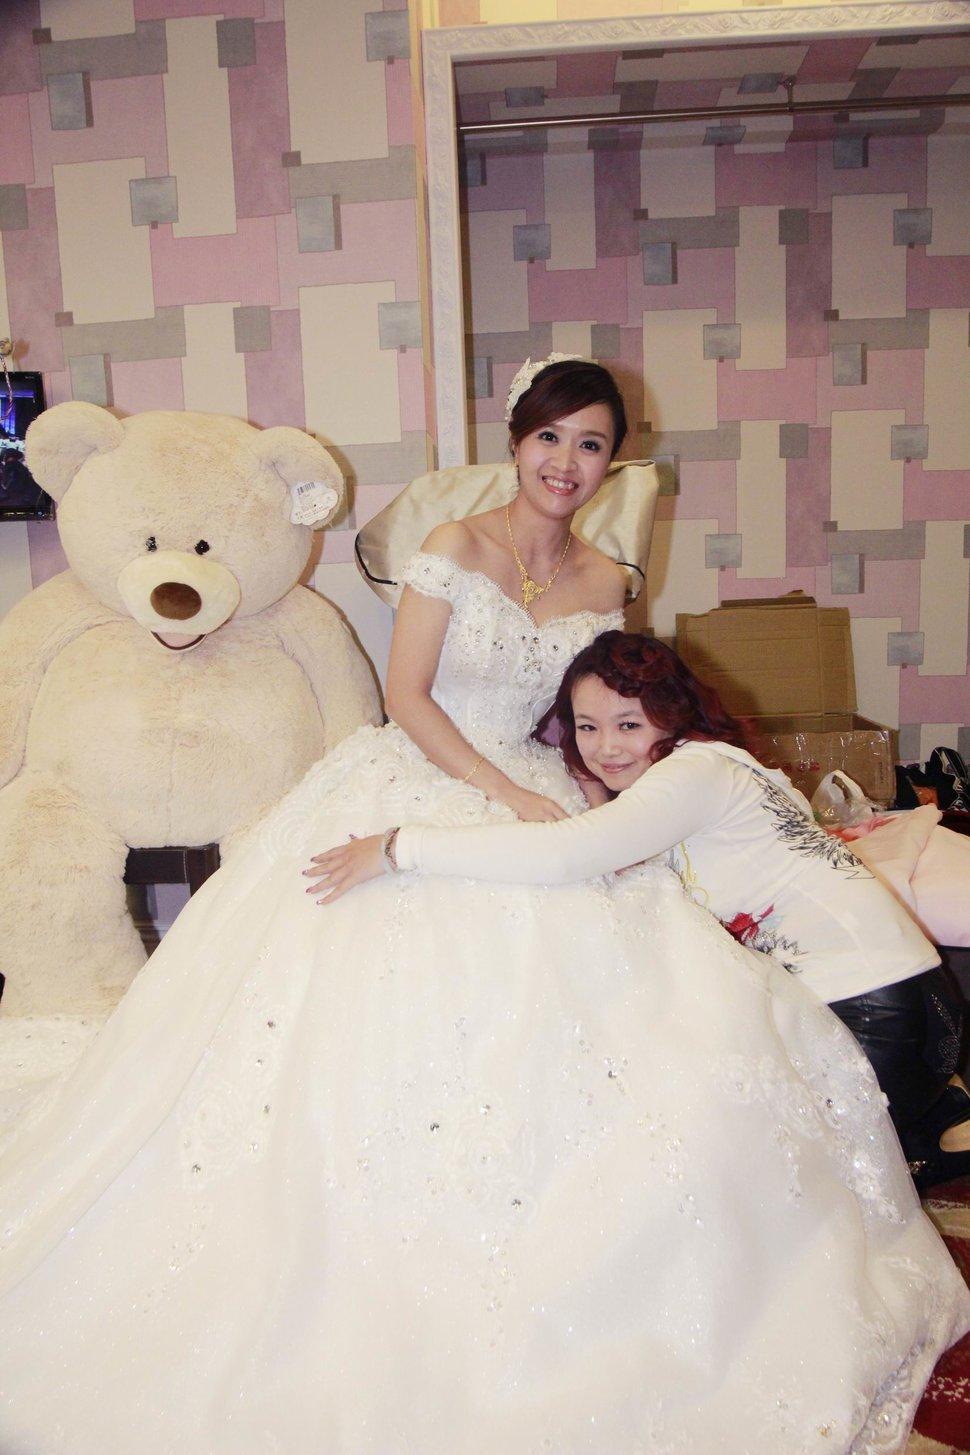 永和易牙居婚宴廣場宴會廳婚婚禮記錄結婚迎娶婚禮記錄動態微電影錄影專業錄影平面攝影婚攝婚禮(編號:213104) - 蜜月拍照10800錄影12800攝影團隊 - 結婚吧